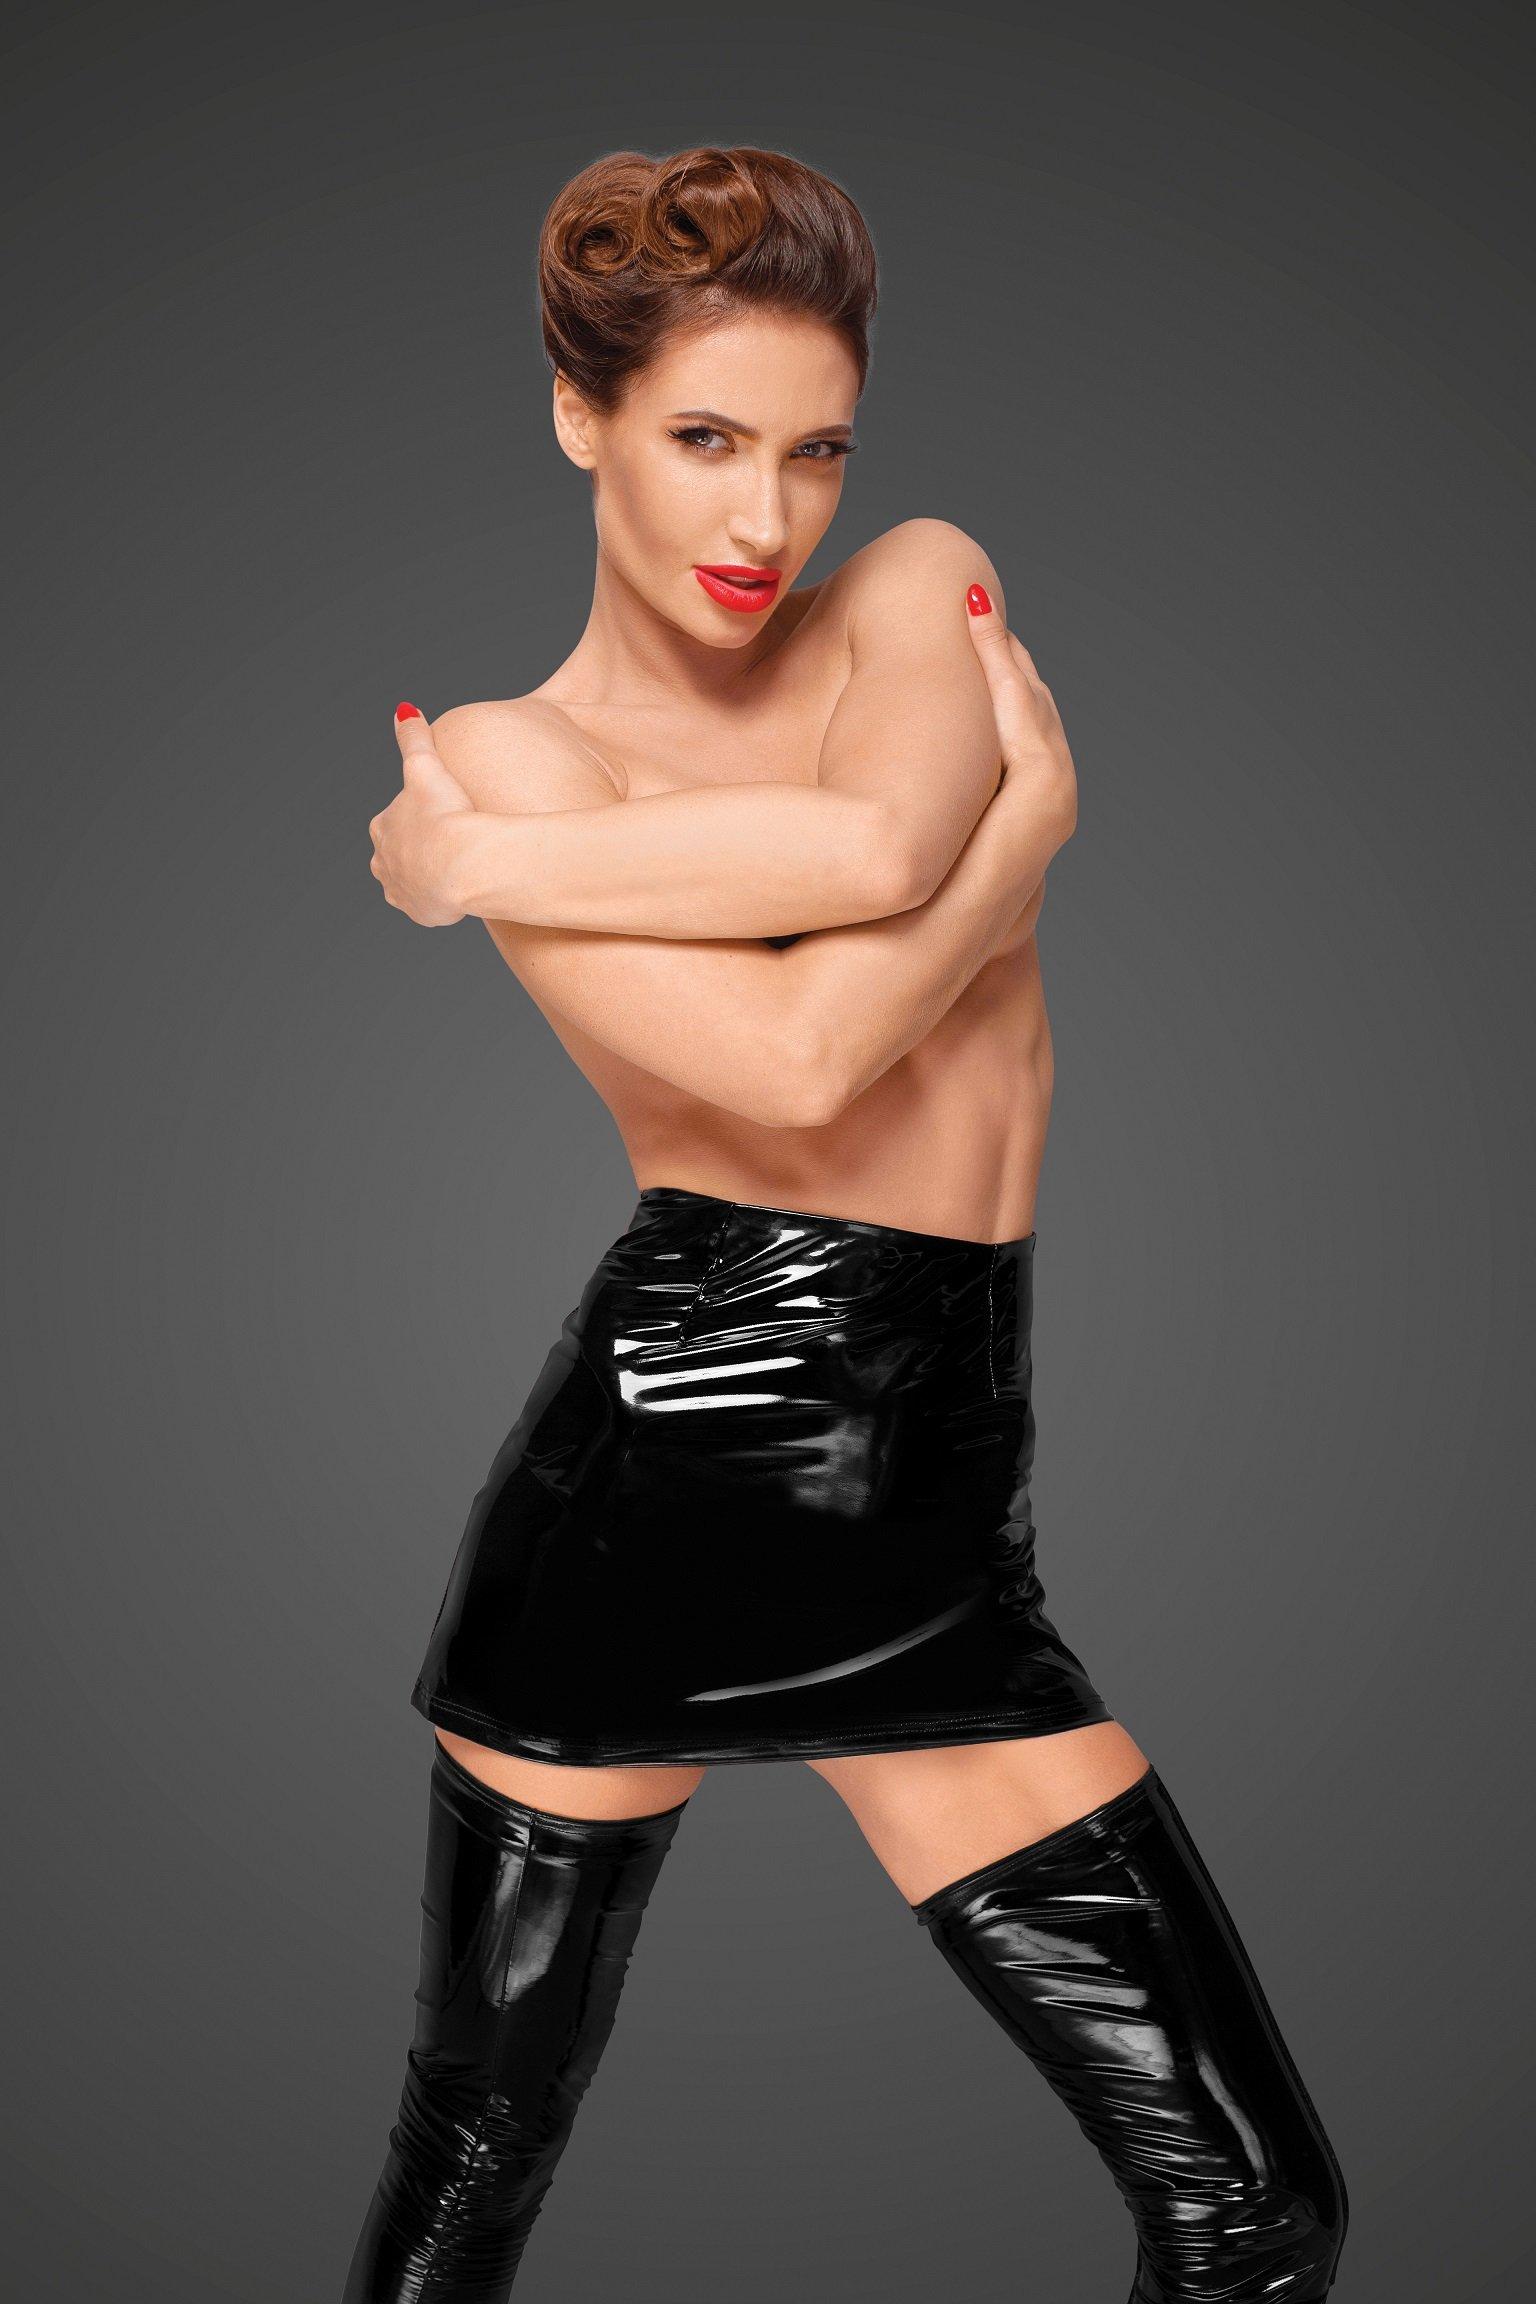 Фото 2 - Девушка в сексуальной виниловой юбке